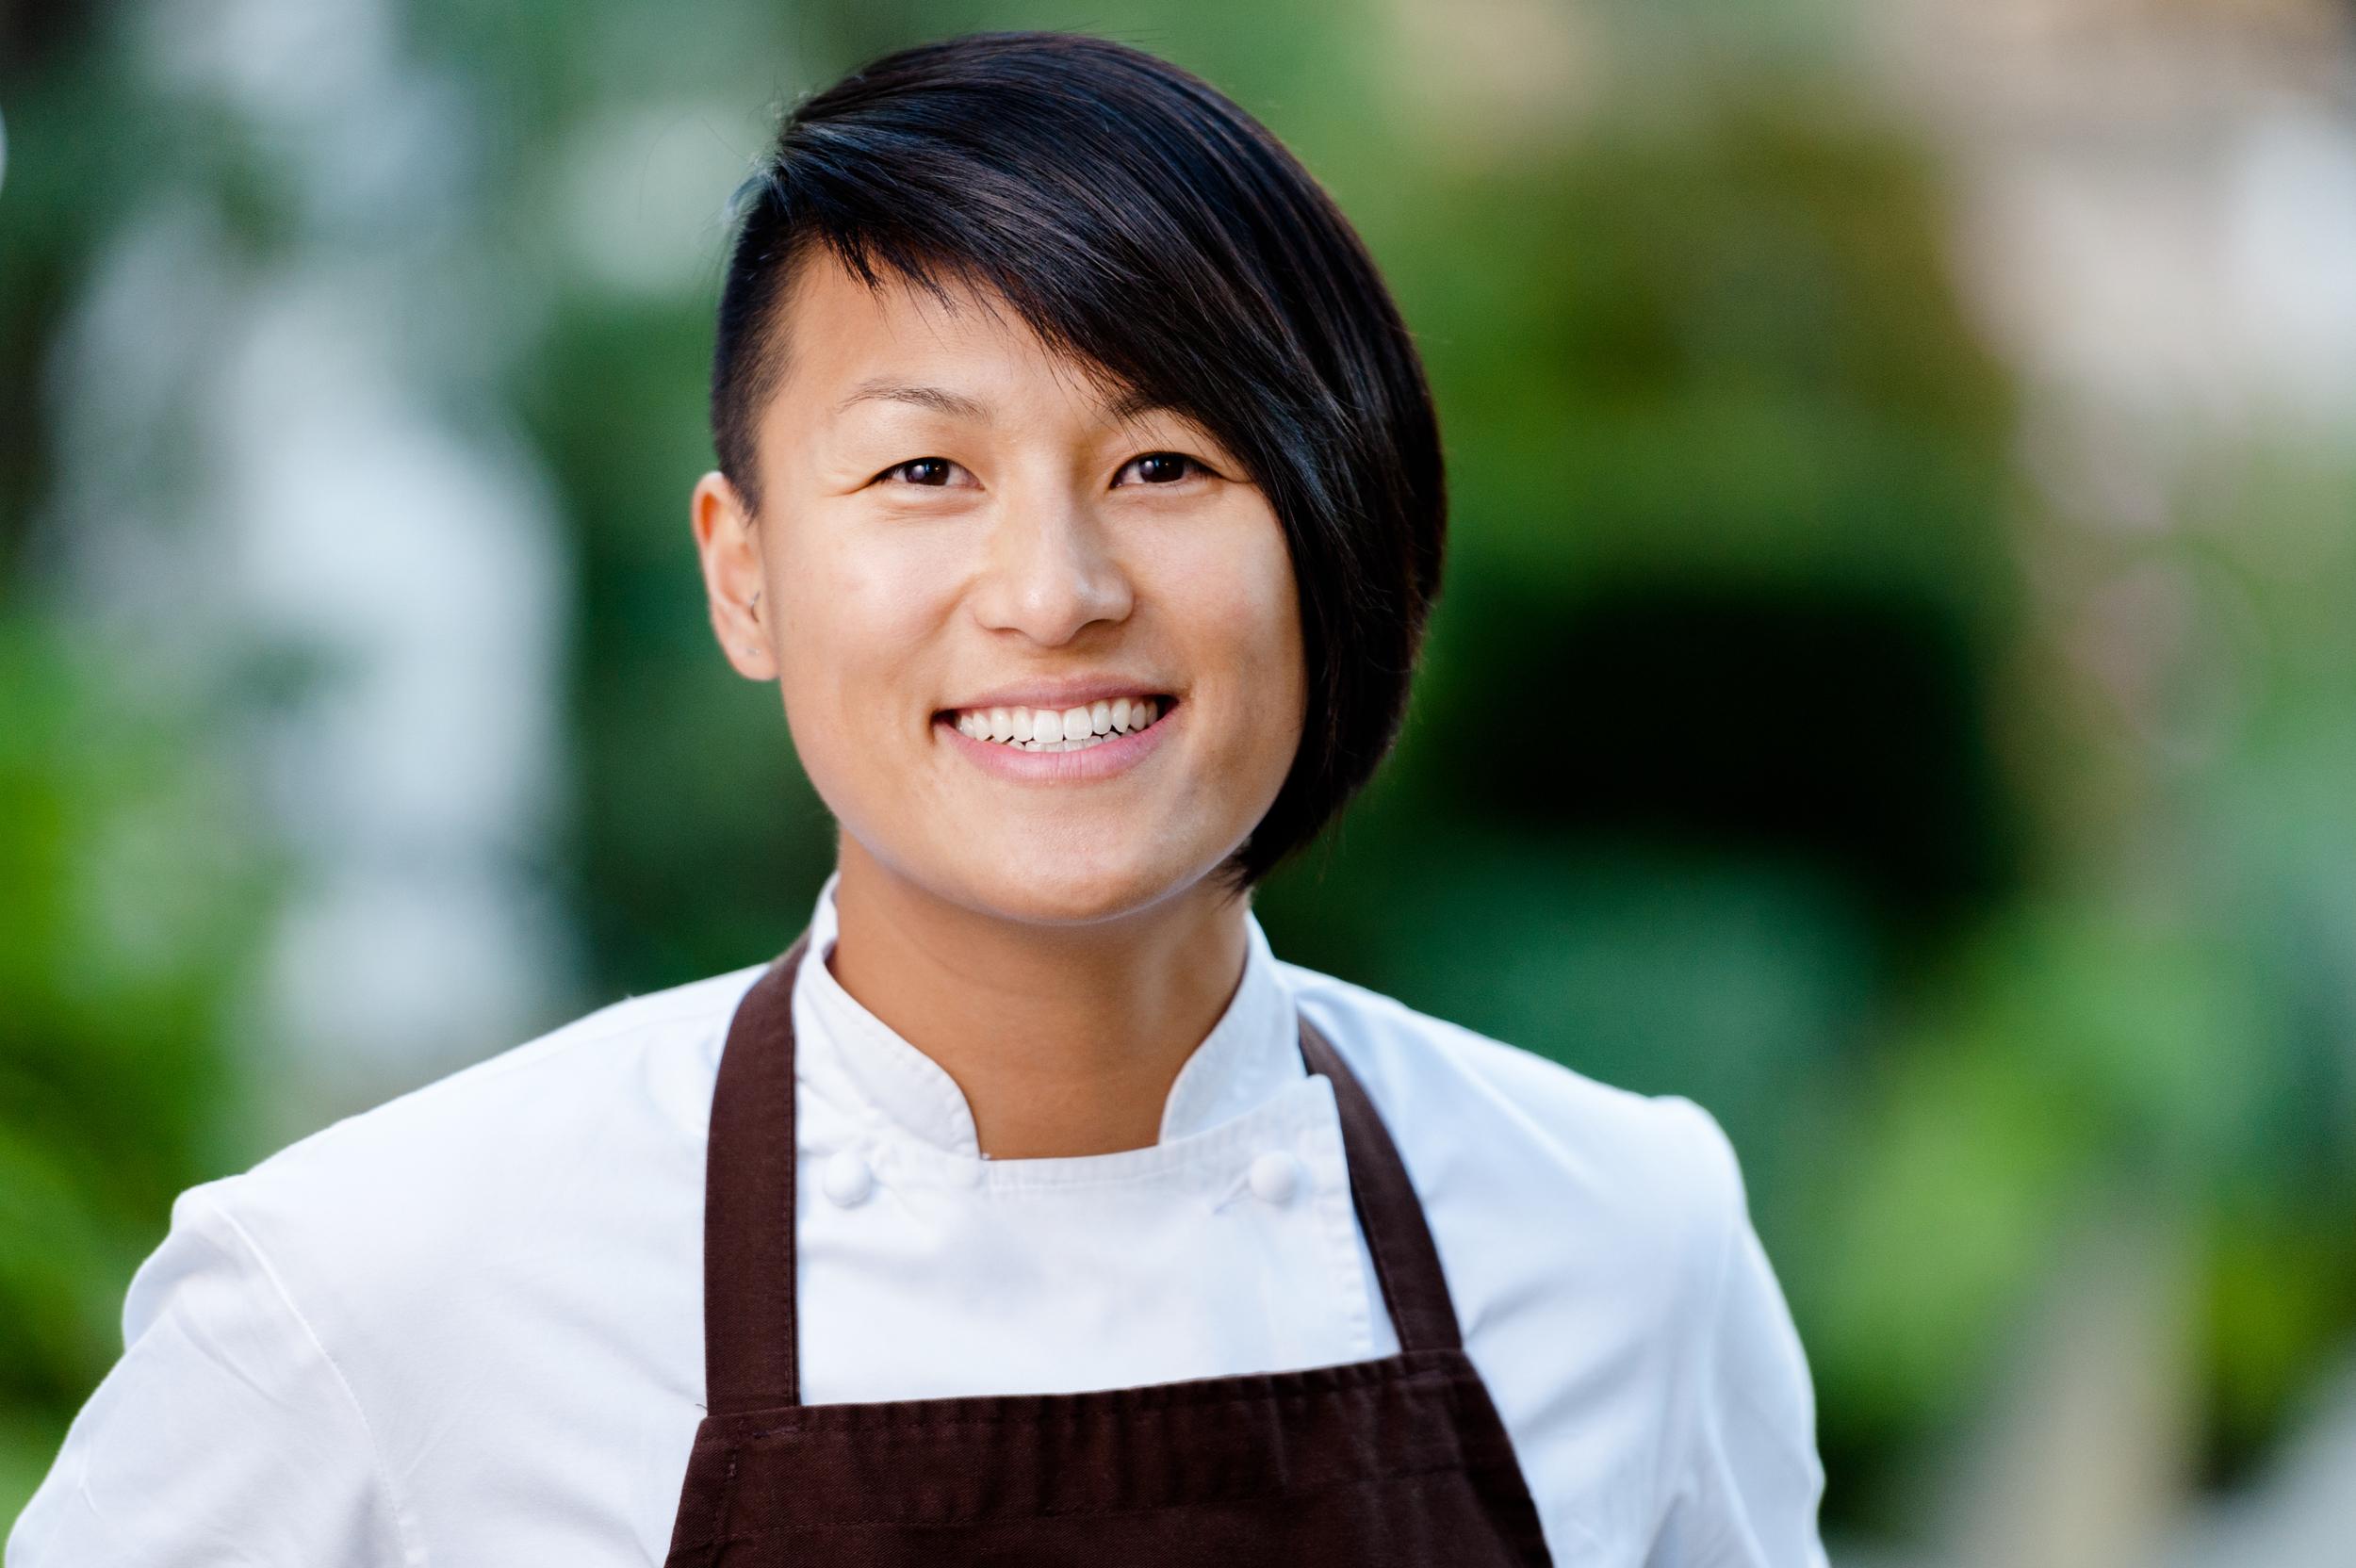 Bravos's Top Chef: Boston Season 12 Finalist